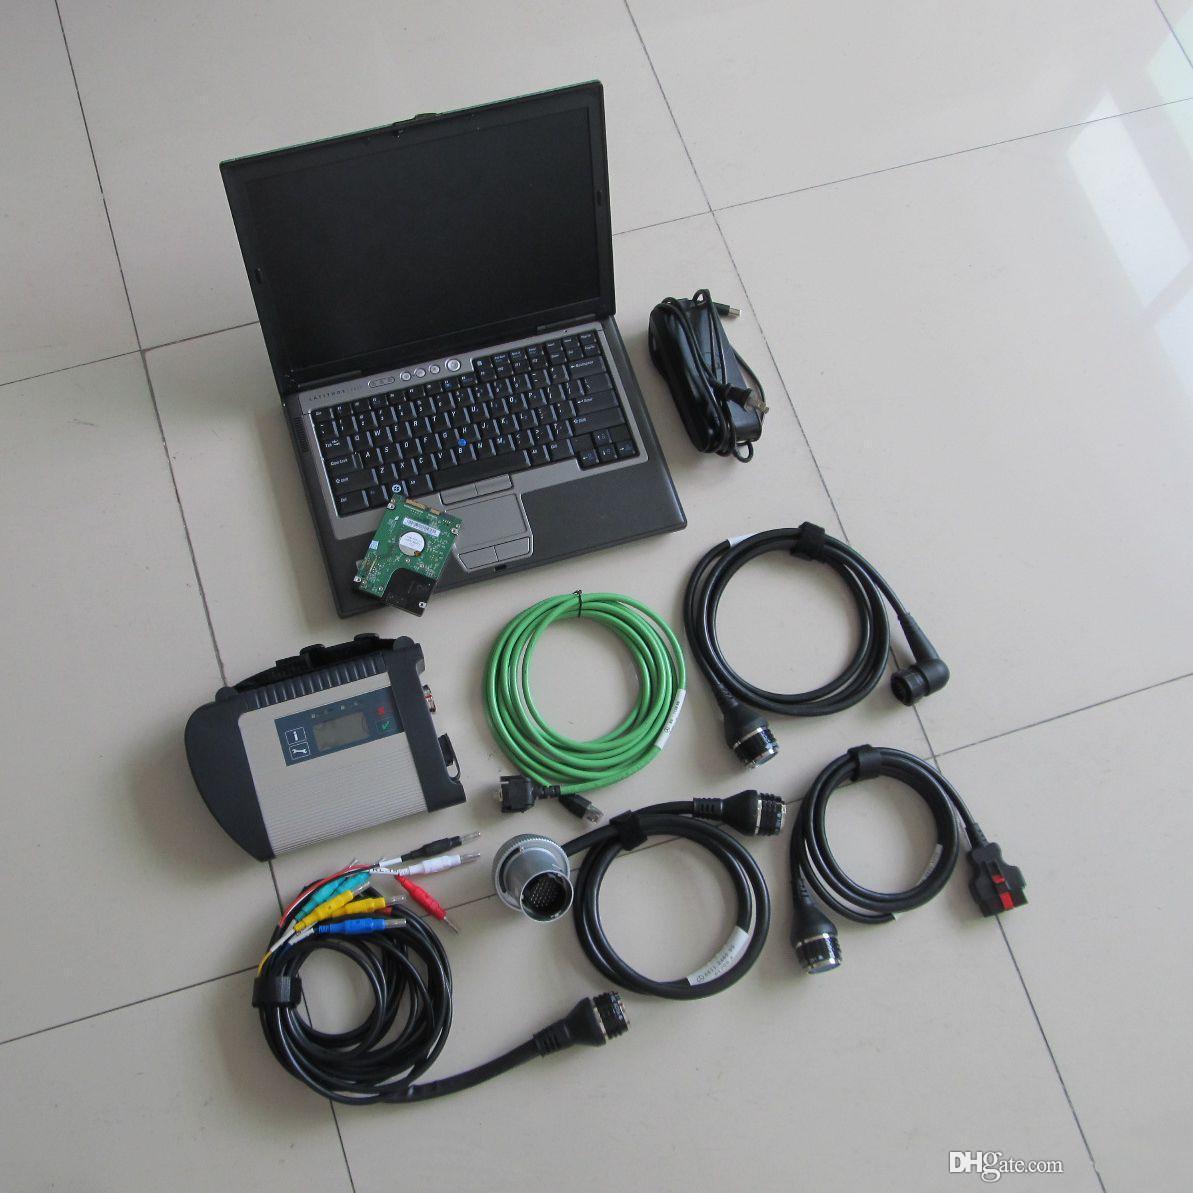 MB Yıldız C4 Tarayıcı Teşhis Aracı HDD 320 GB WIFI Laptop Ile 320 GB SOUSEARE 2021.03 D630 4G Toughbook Araba Kamyonlar Için